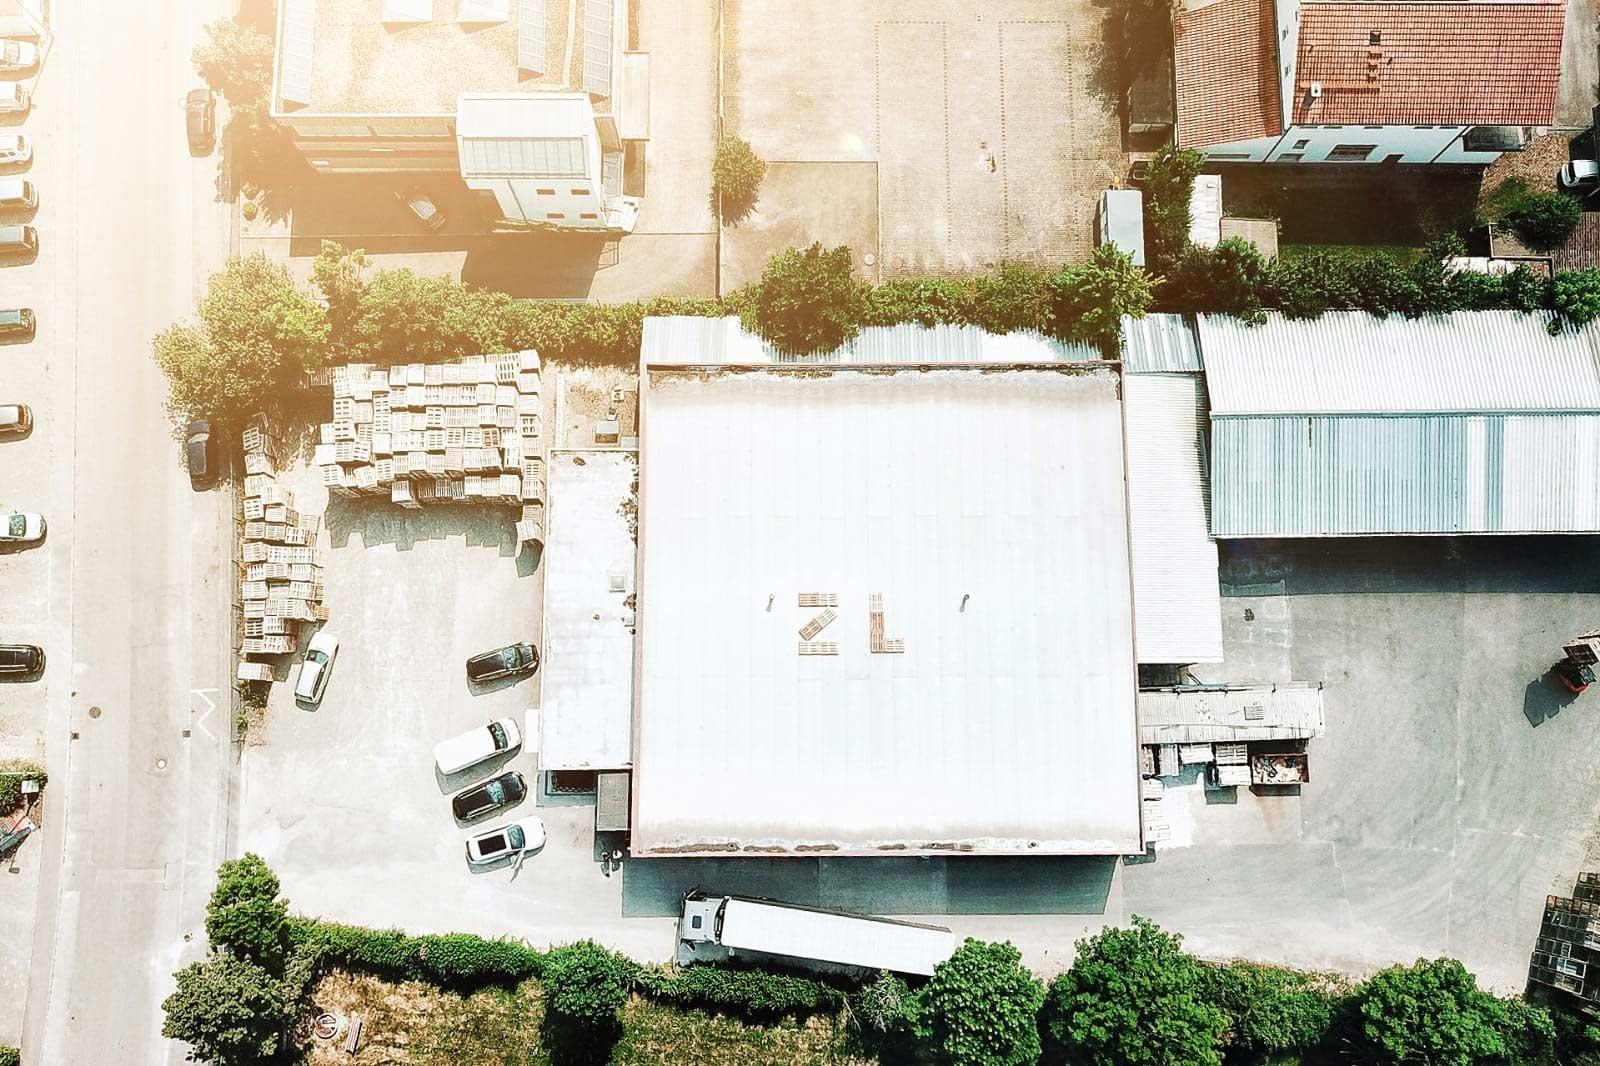 agentur-liebespixel-gitterboxen-paletten-zl-palettenlogistik-kirchheim-stuttgart-titel-fotografie-drohne-2